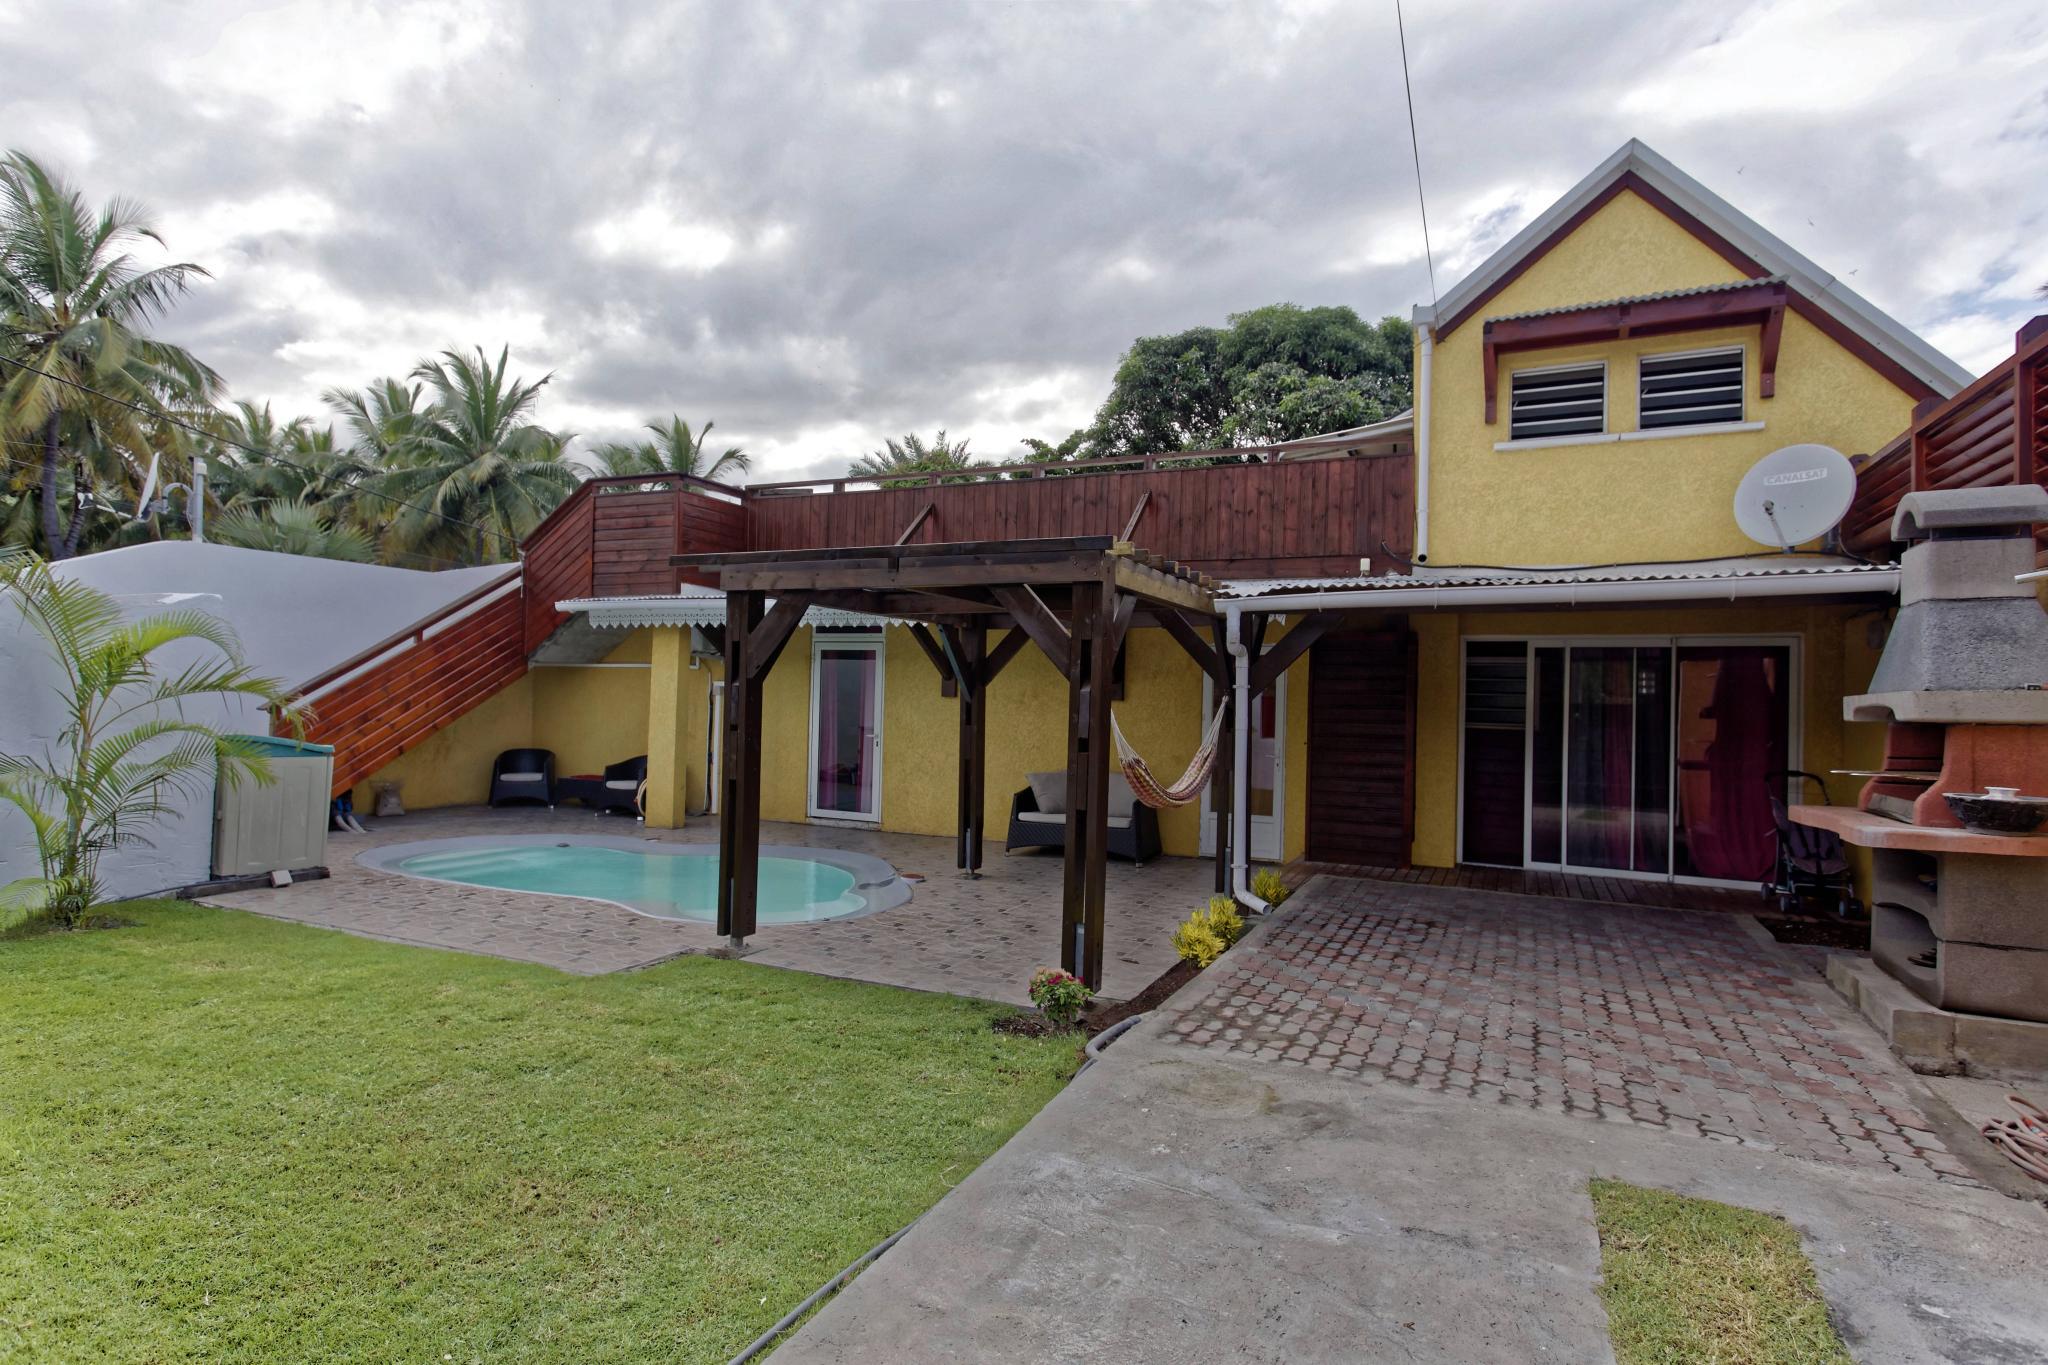 Achat maison etang sal 97427 r union sud r f 102099 460 for Achat maison sud